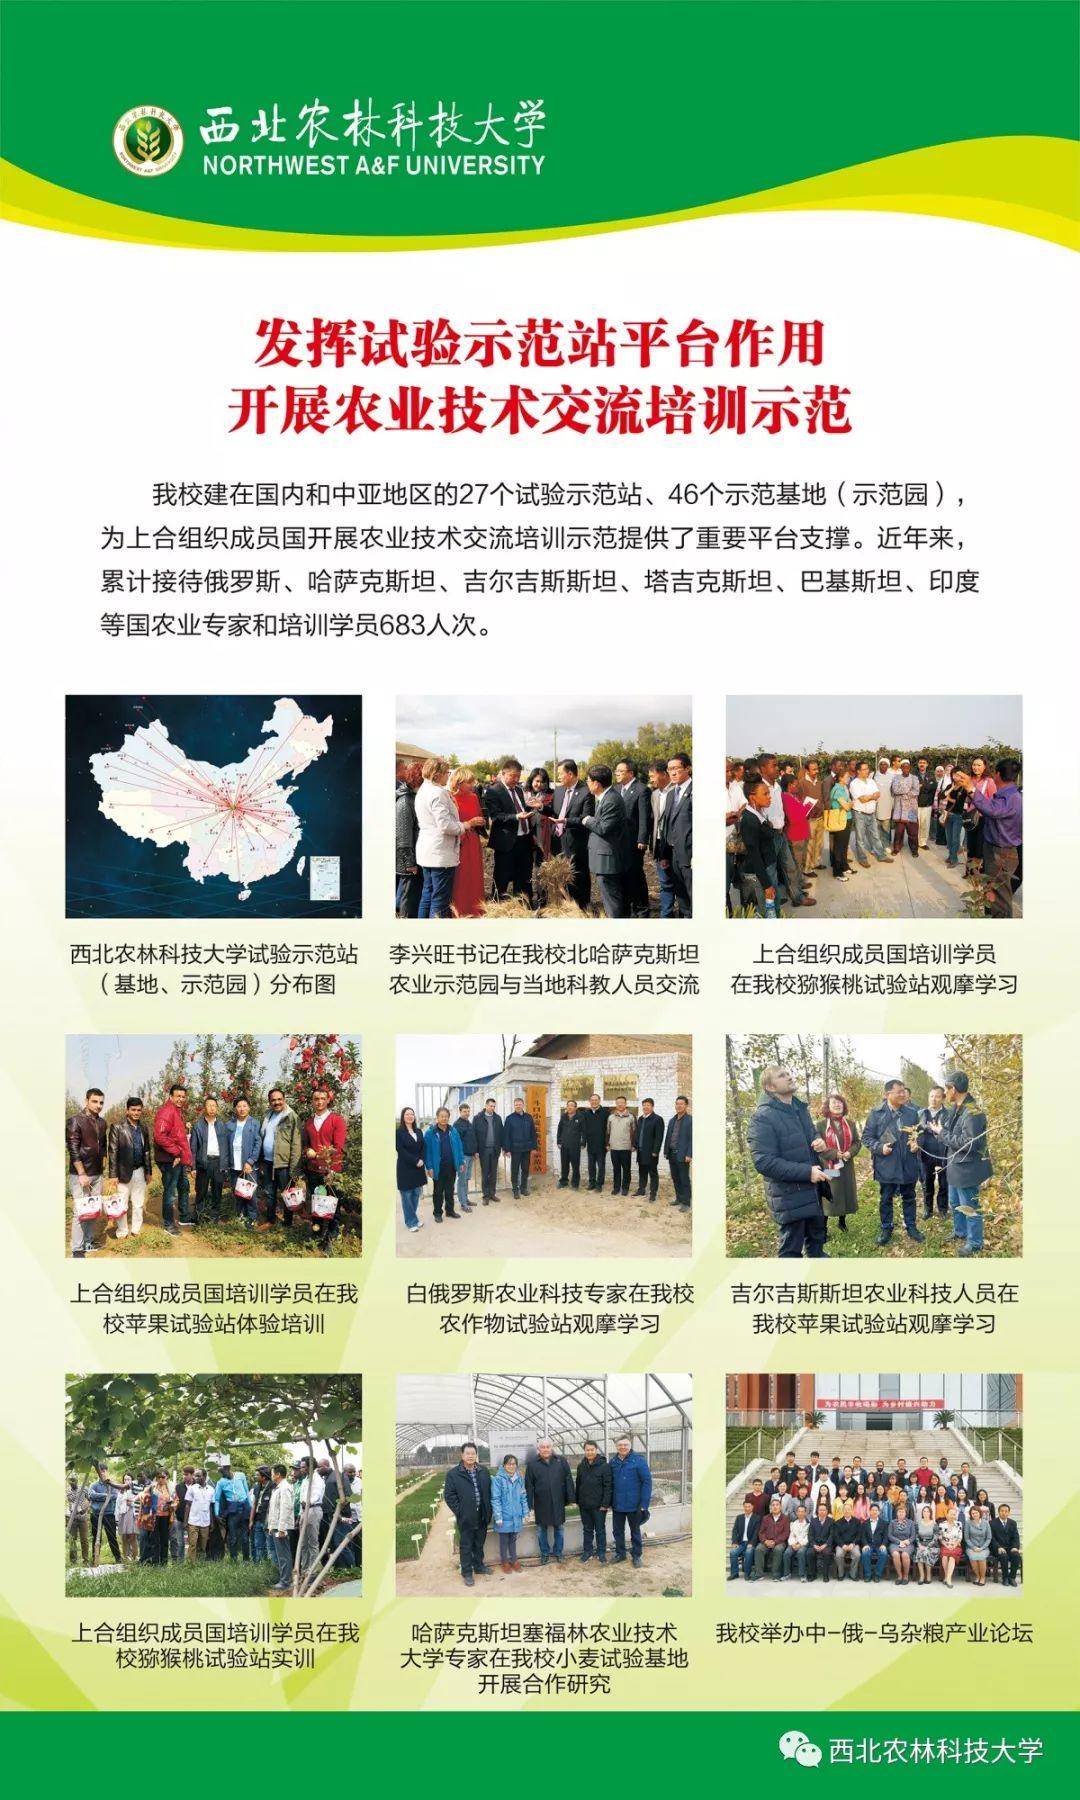 重磅!陕西省委书记胡和平来西农调研